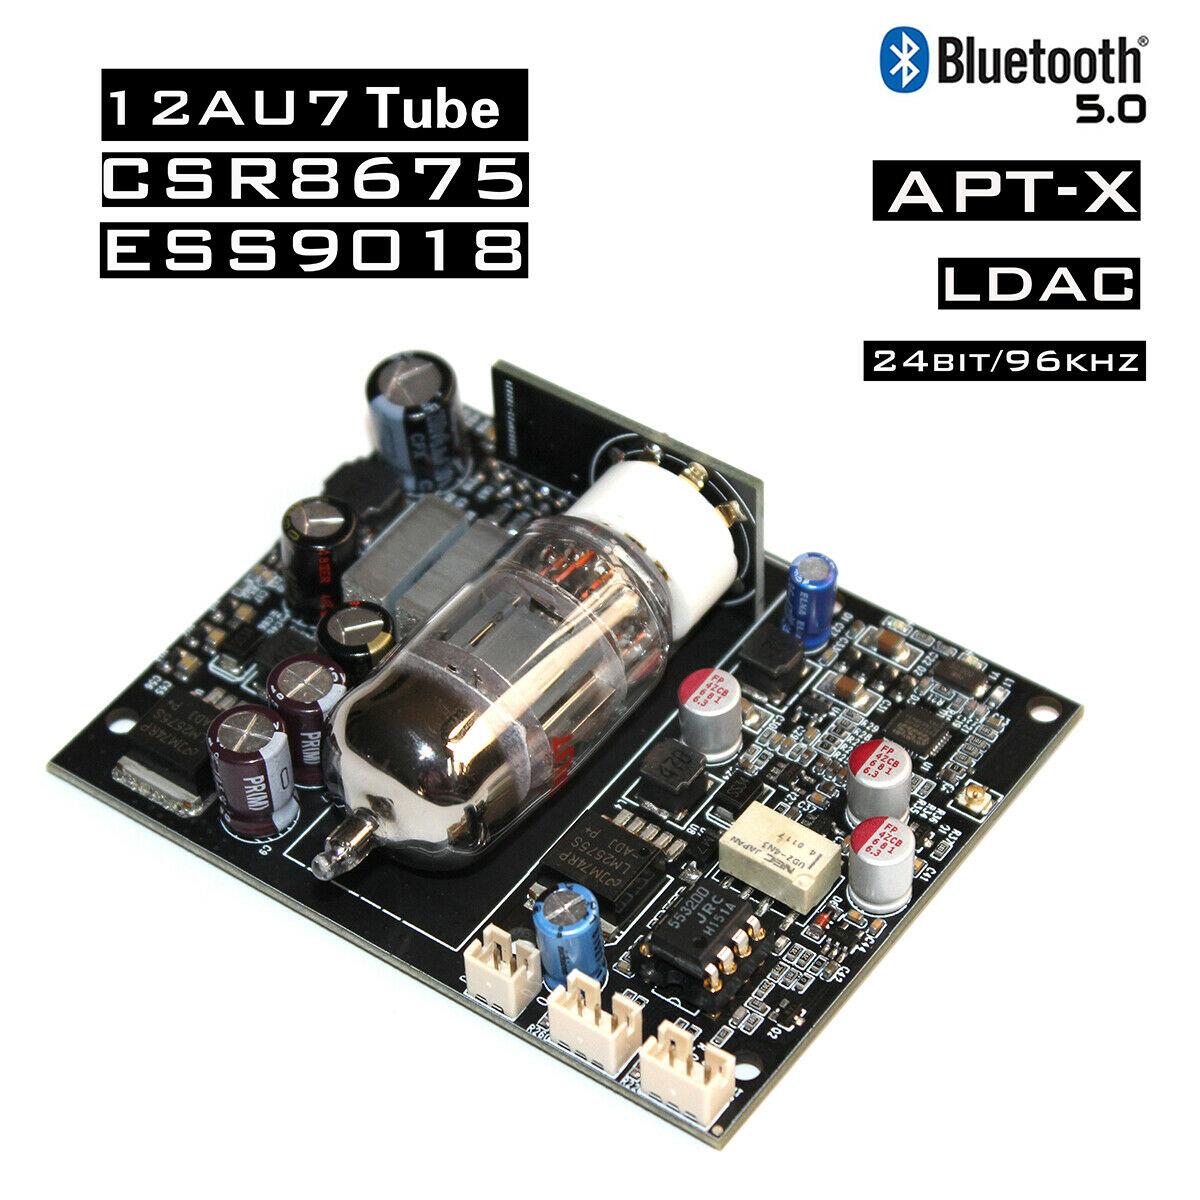 Nobsound 12AU7 Tube à vide CSR8675 carte récepteur Audio Bluetooth ES9018 décodage DAC APTX 24bit